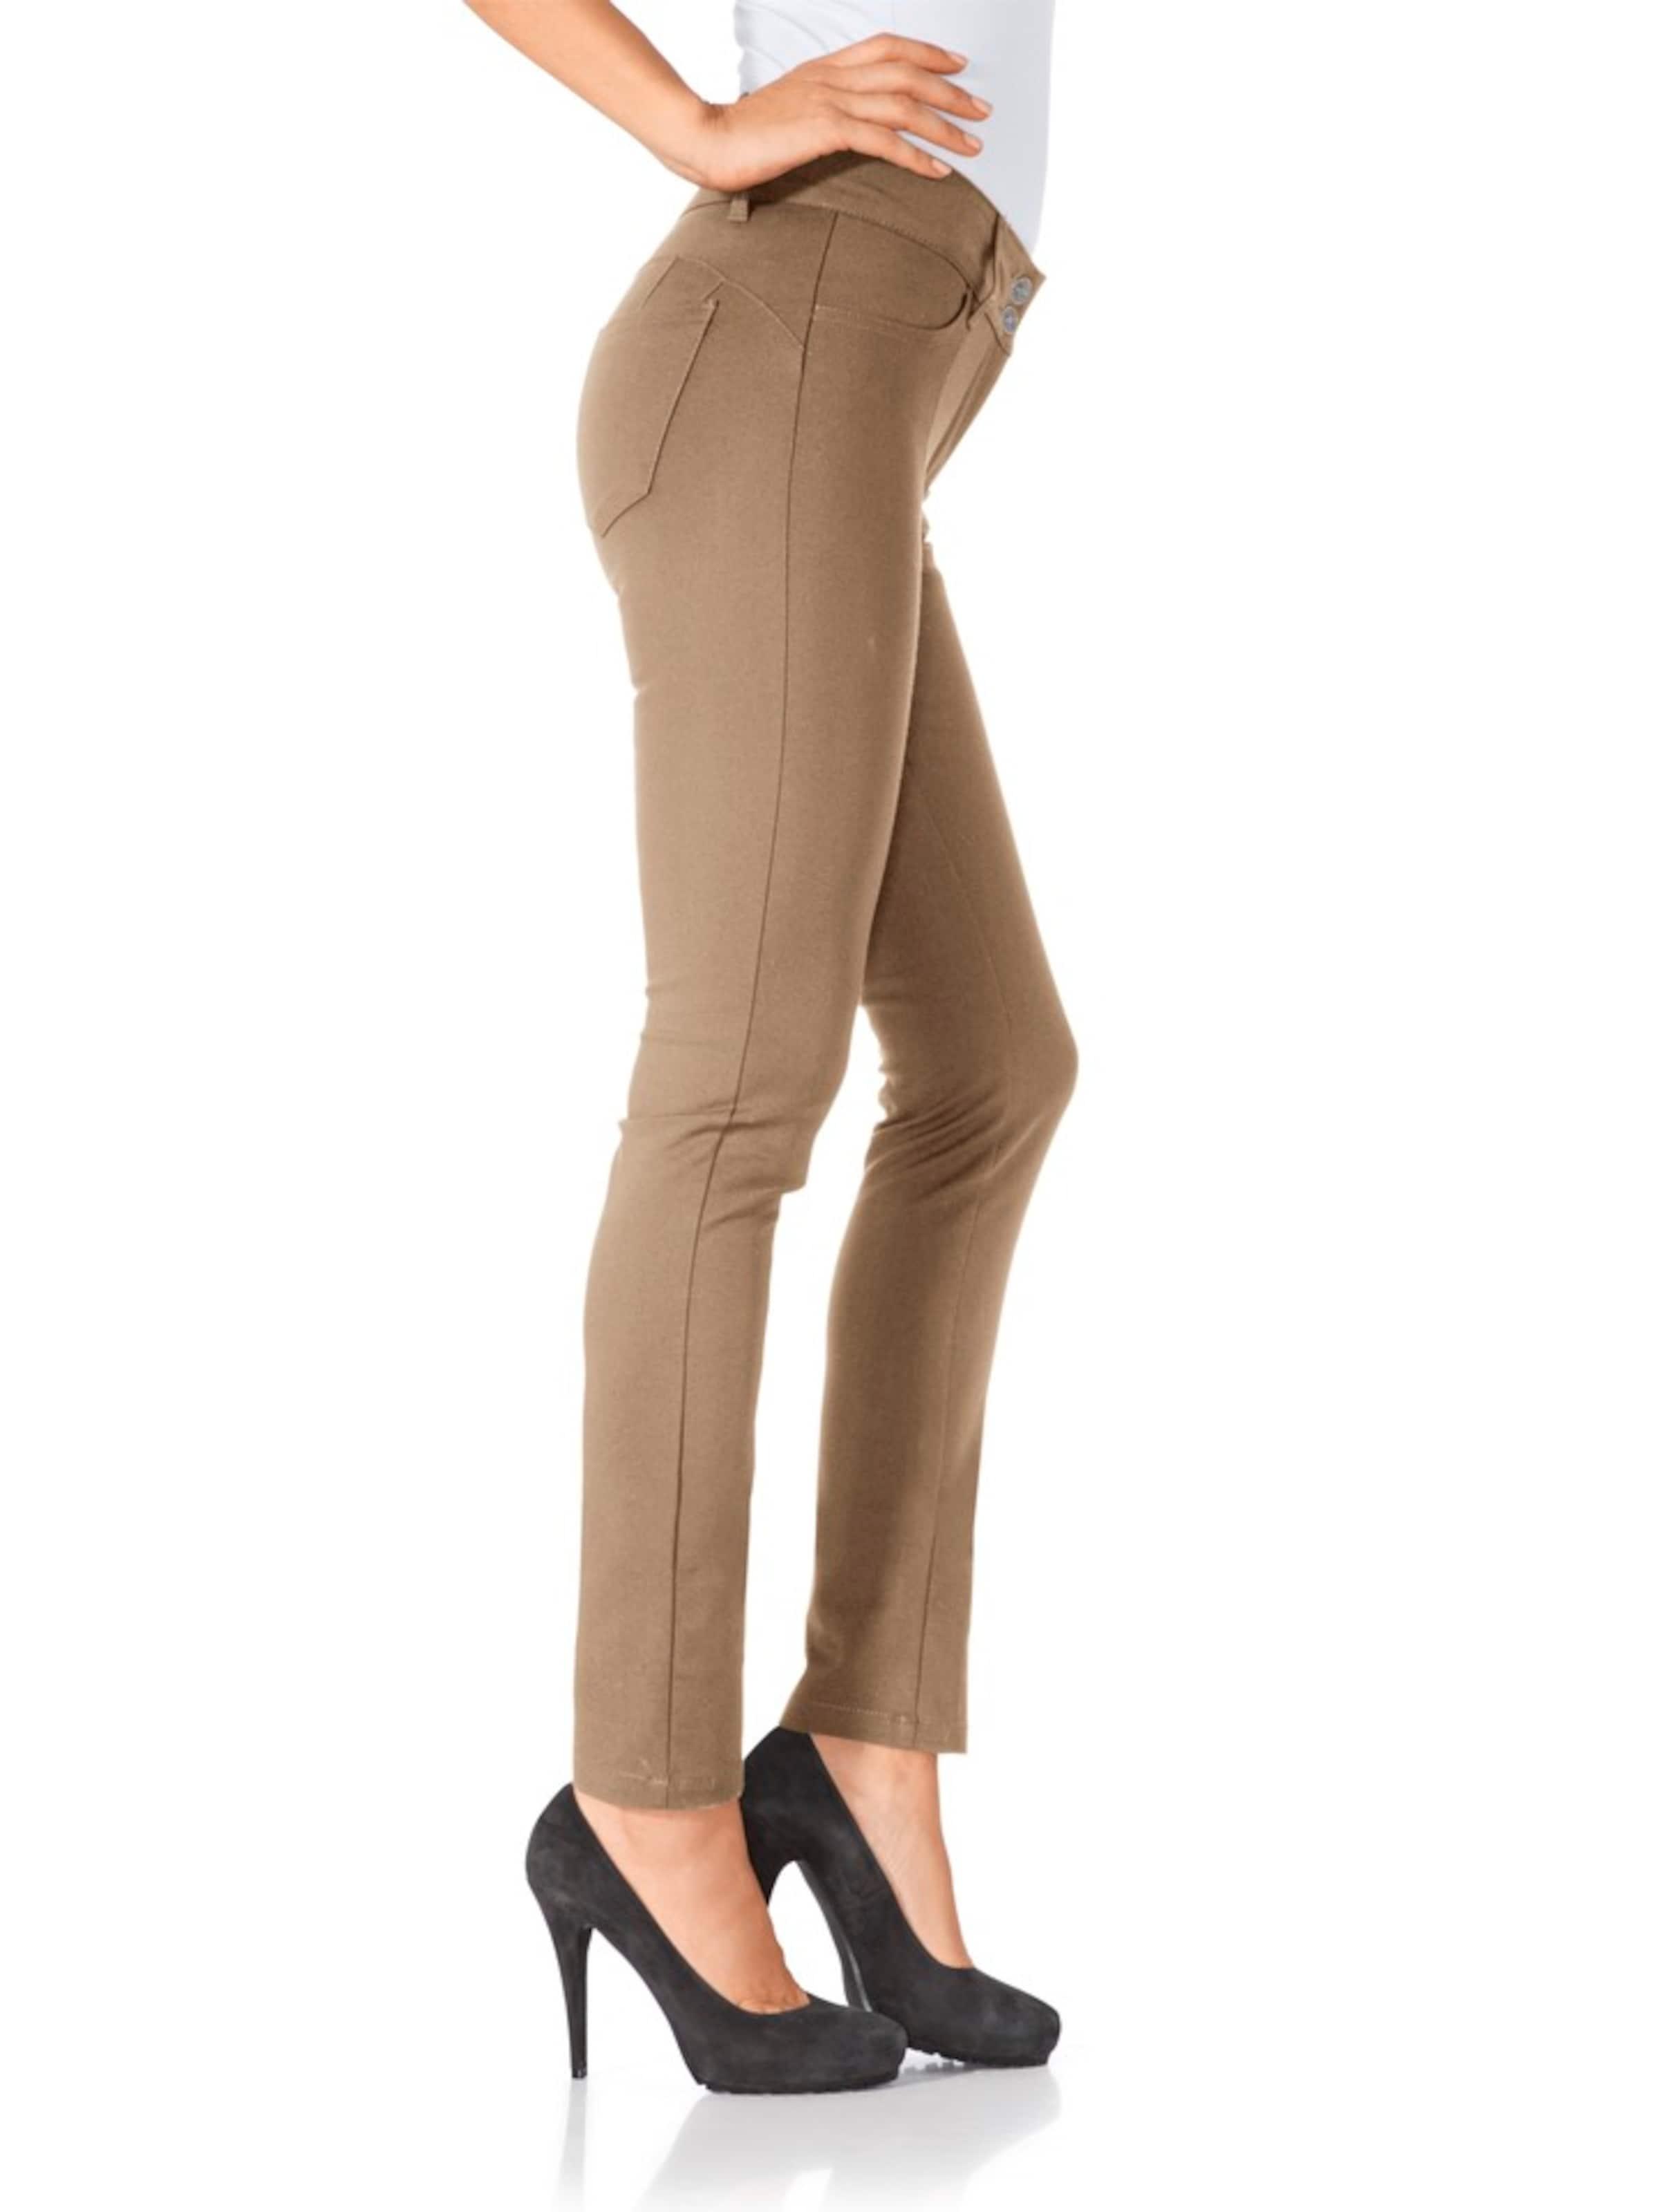 Online Günstig Online Spielraum Neue Ankunft Ashley Brooke by heine Bodyform-Stretchhose Günstig Kaufen Zuverlässig Rabatt Ausgezeichnet FeCQIDEd